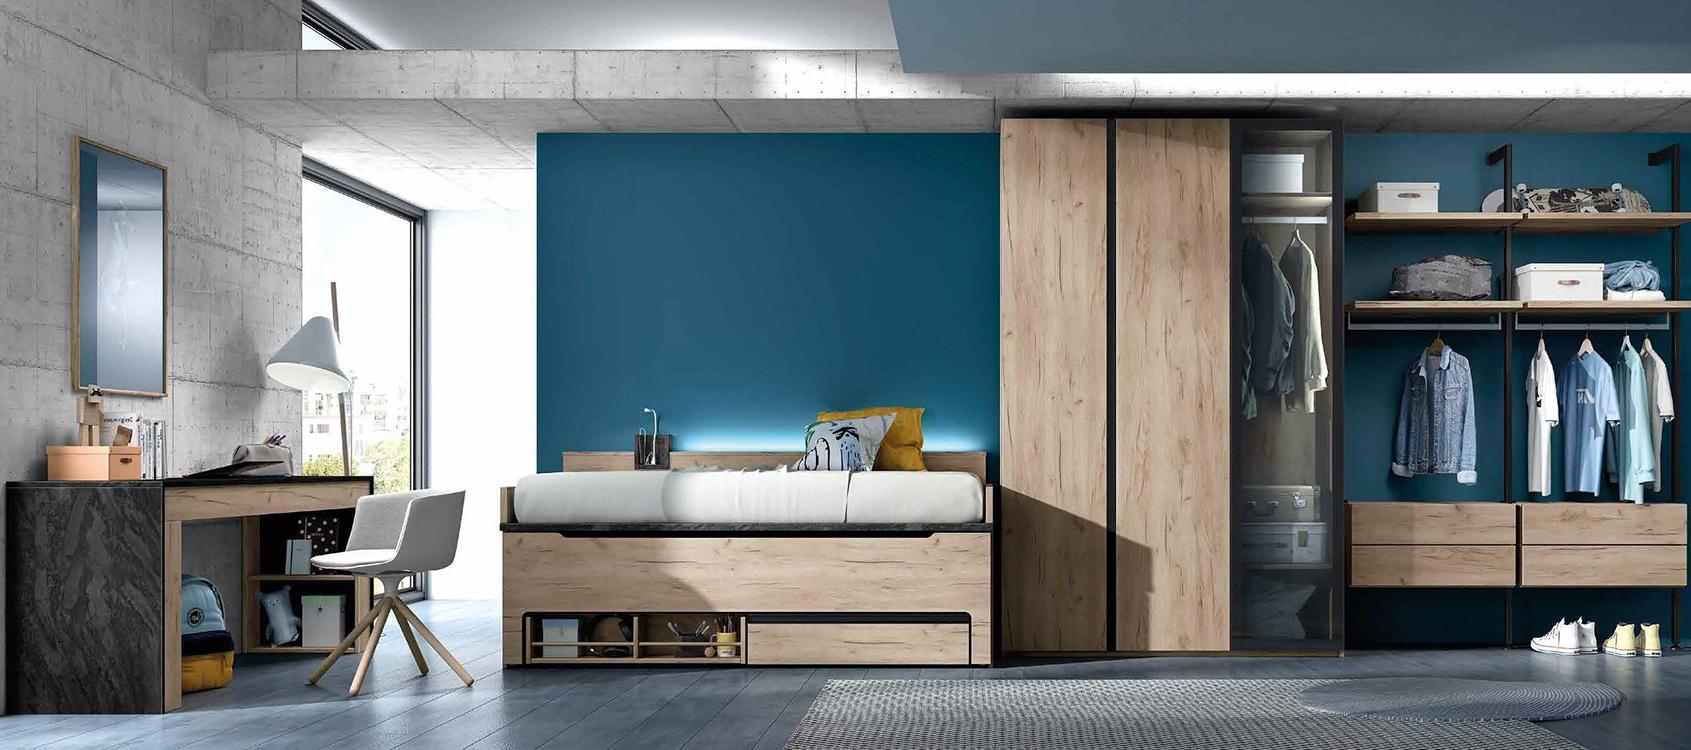 Habitaciones juveniles con cama abatible - Habitaciones juveniles con cama abatible ...